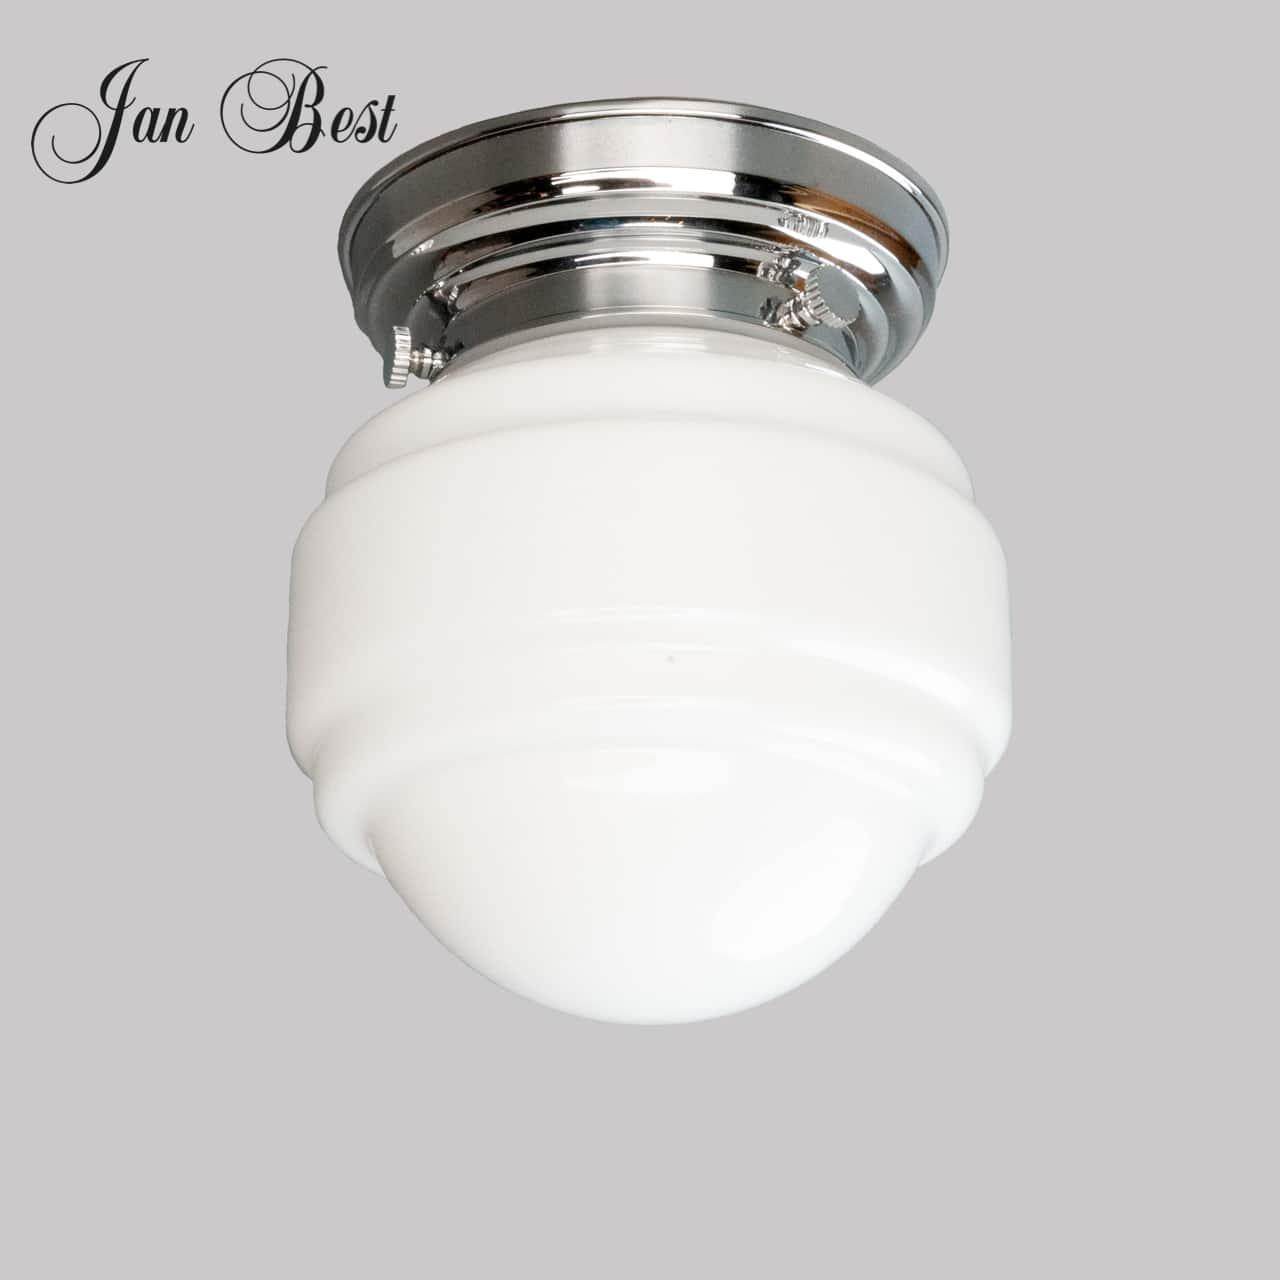 jan-best-plafonnier-badkamerverlichting-chroom-nostalgische-klassieke-horeca-verlichting-aalsmeer